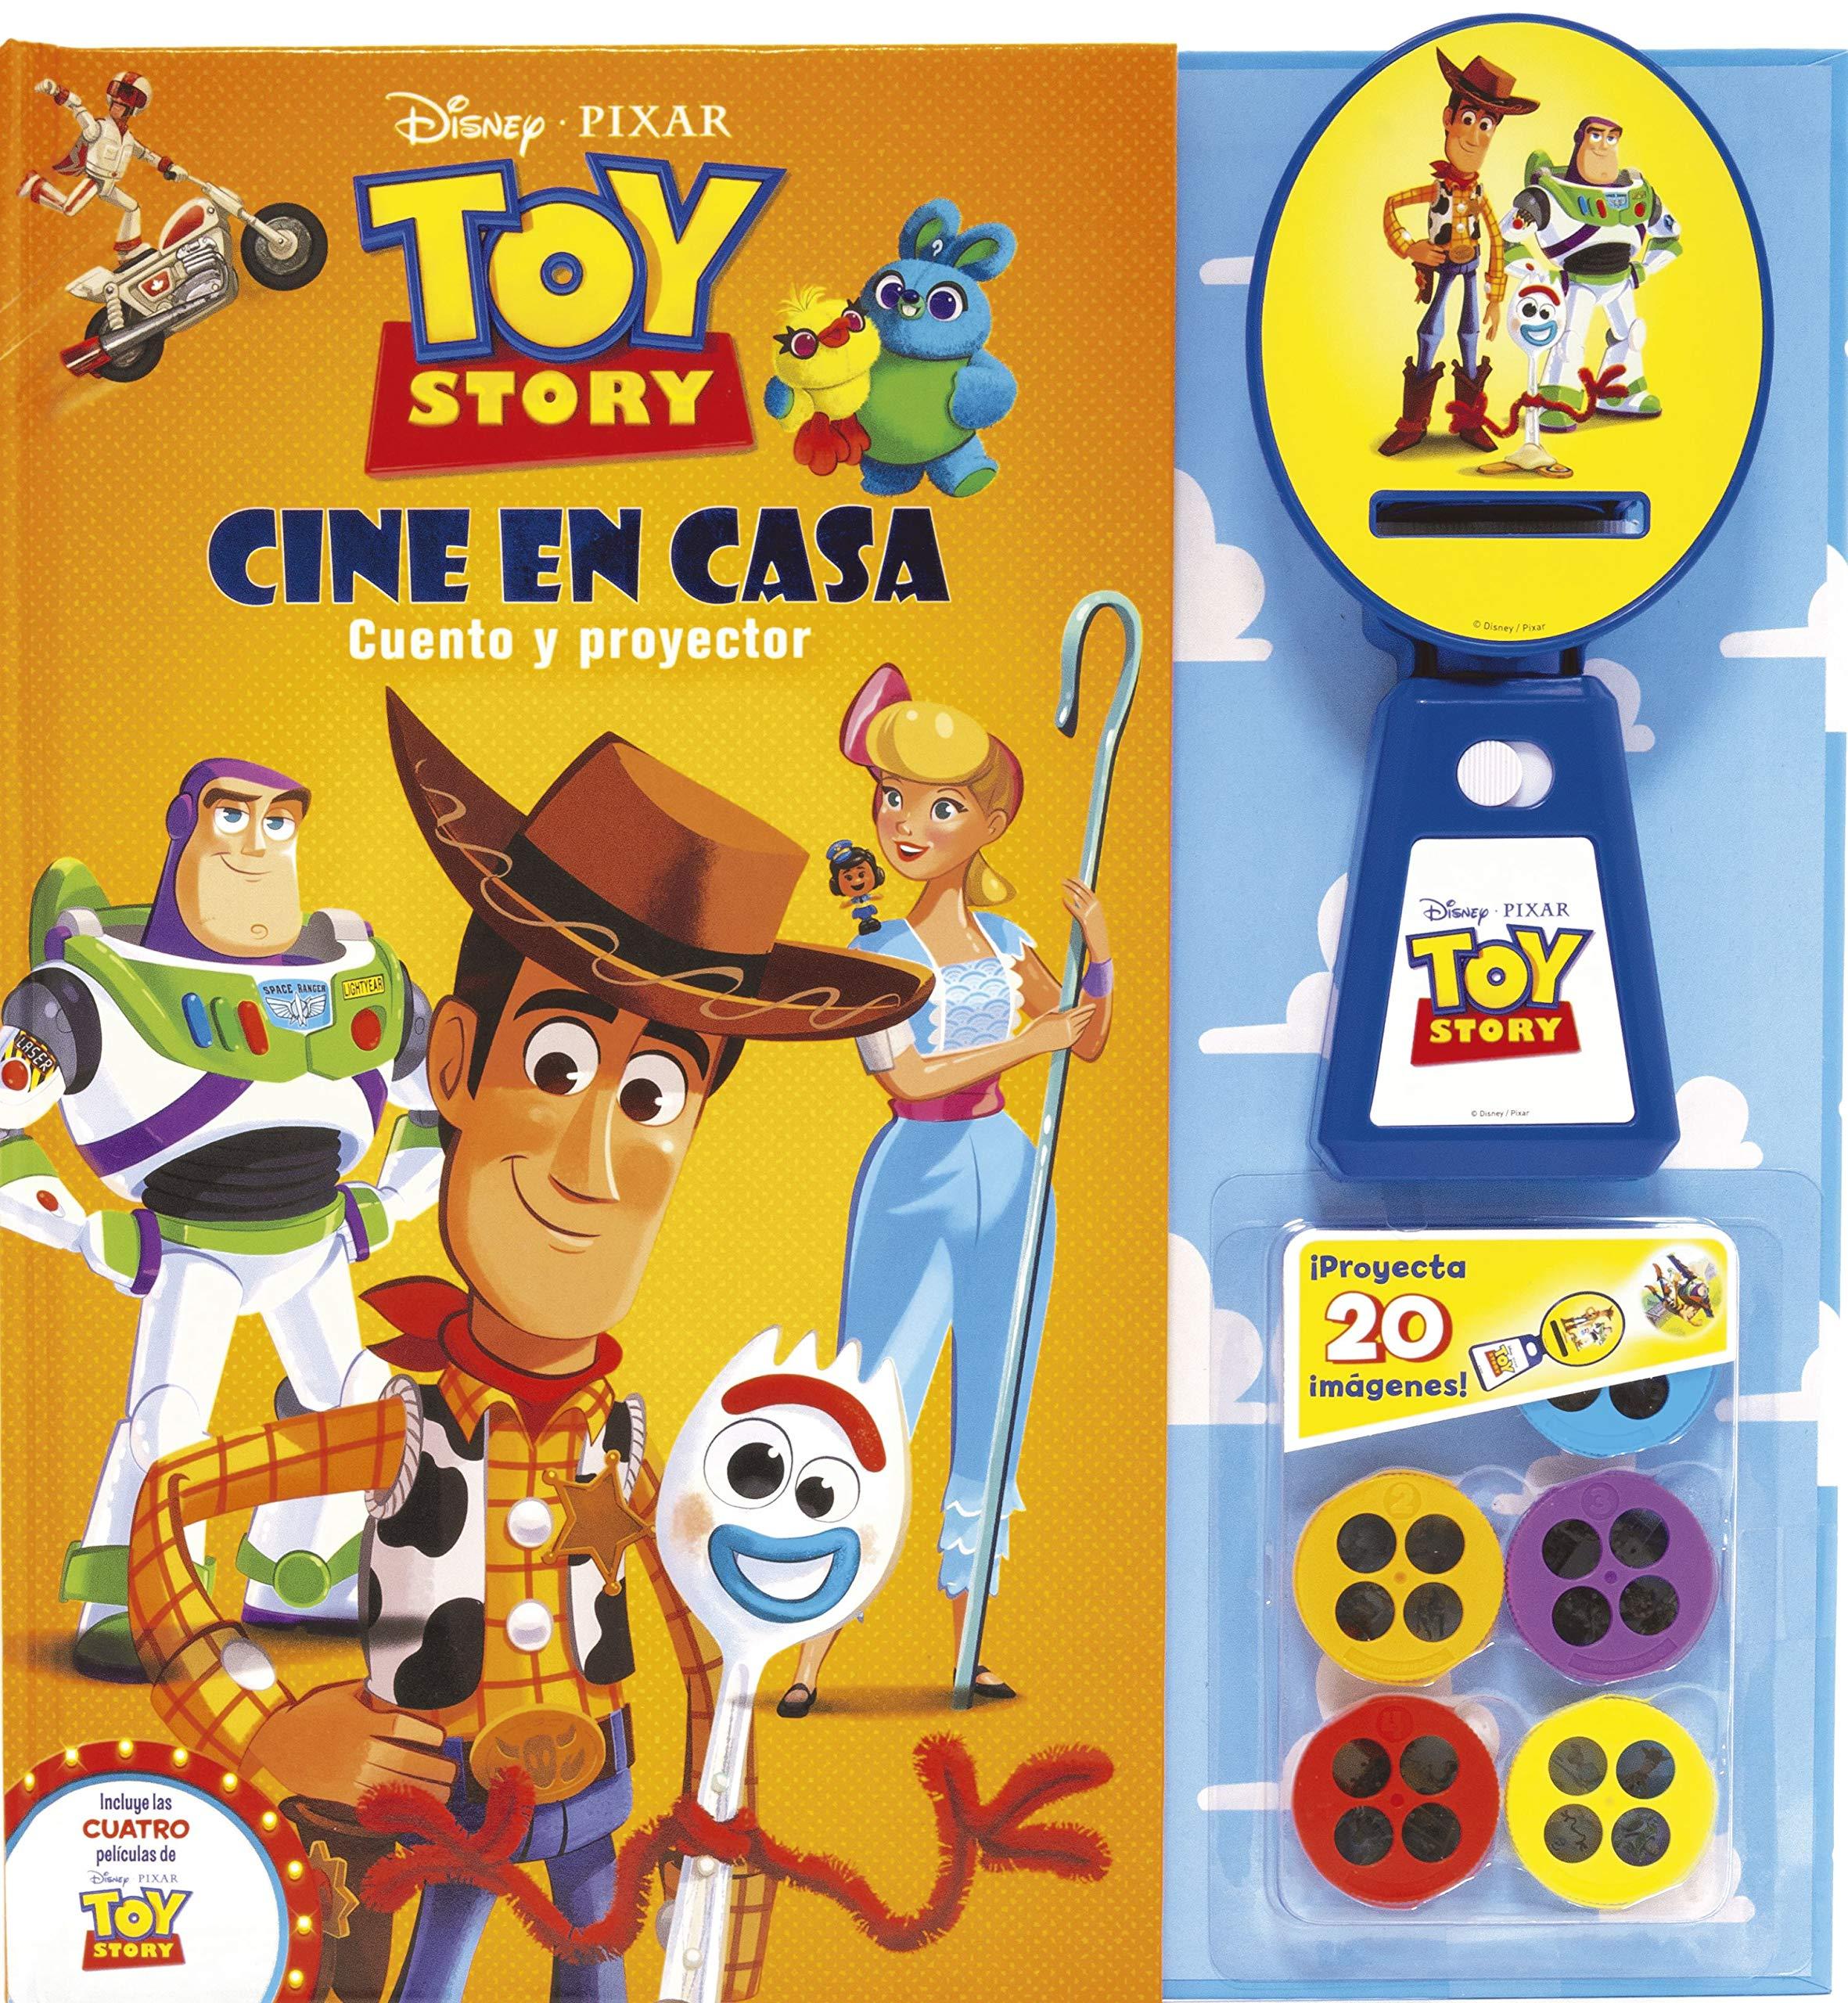 Toy Story. Cine en casa: Cuento y proyector Disney. Toy Story 4 ...